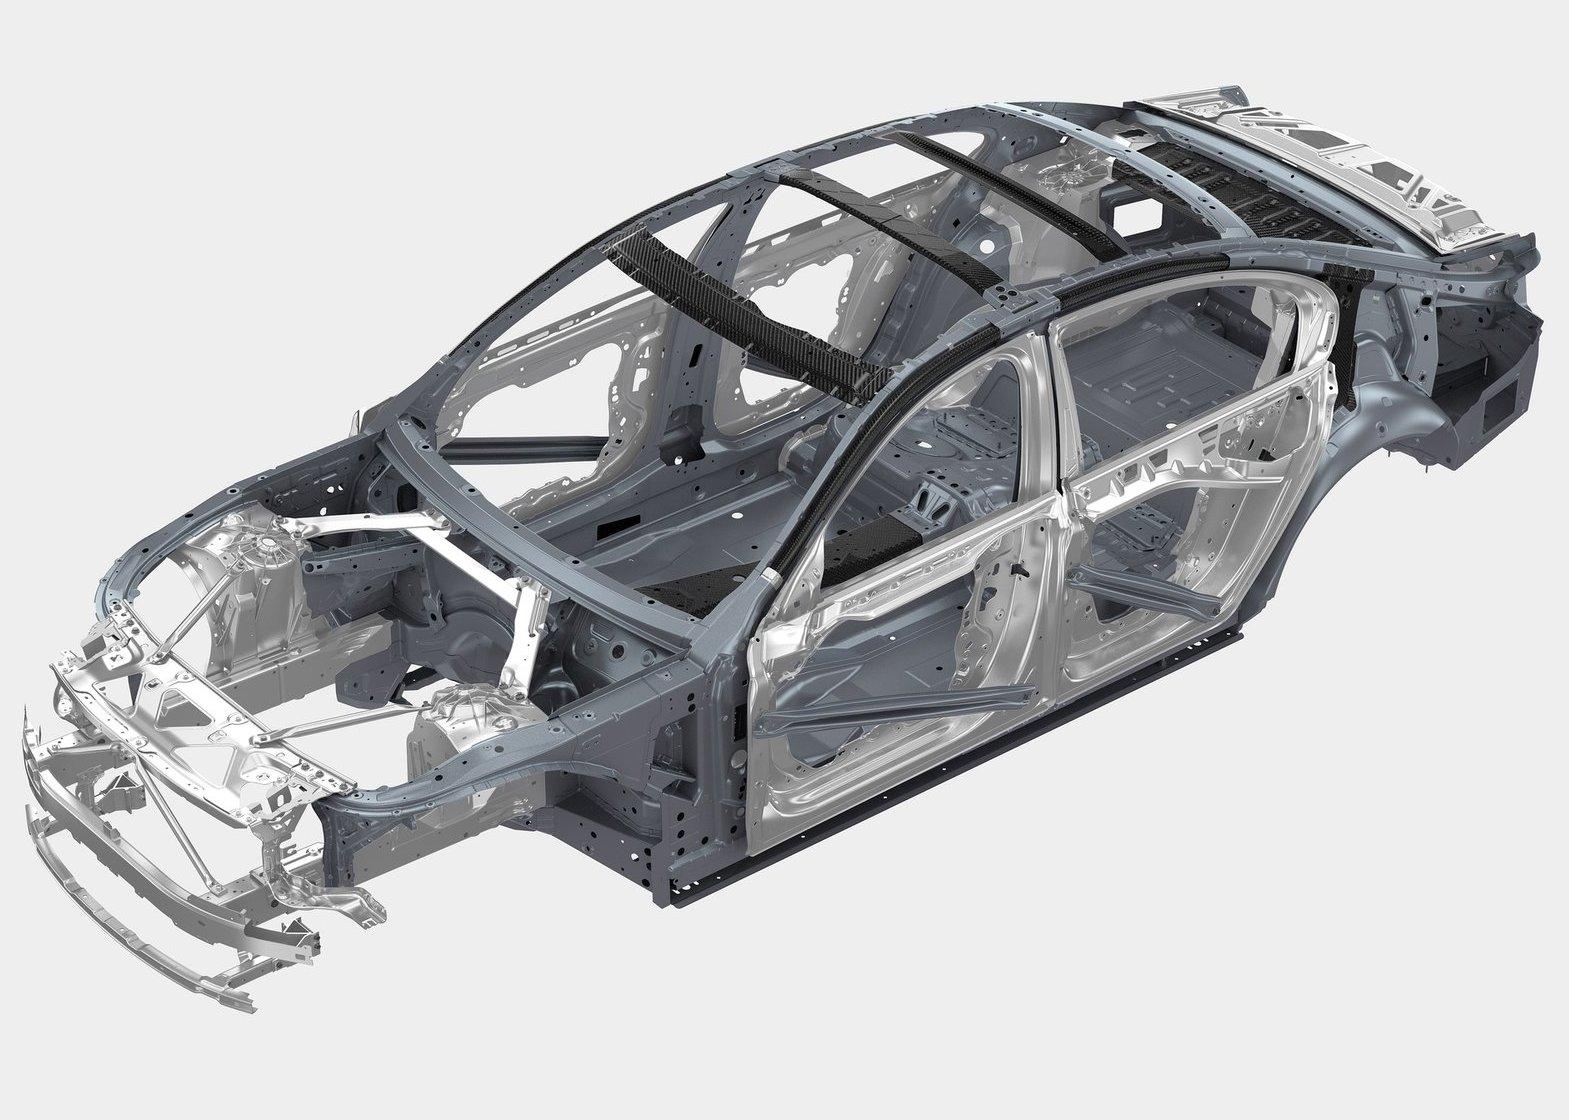 Кузов BMW 7-серии G12 построен по принципу Carbon Core («Карбоновое ядро»): здесь карбоновые детали присутствуют в различных усилителях, стойках крыши, боковинах кузова и пр.; хотя максимально широко также используется сталь и алюминий. В результате кузов новинки стал легче на 40 кг, не потеряв в безопасности и жесткости. Соединение разнородных материалов – с помощью клея и заклепок. О сложности и дороговизне ремонта умолчим.